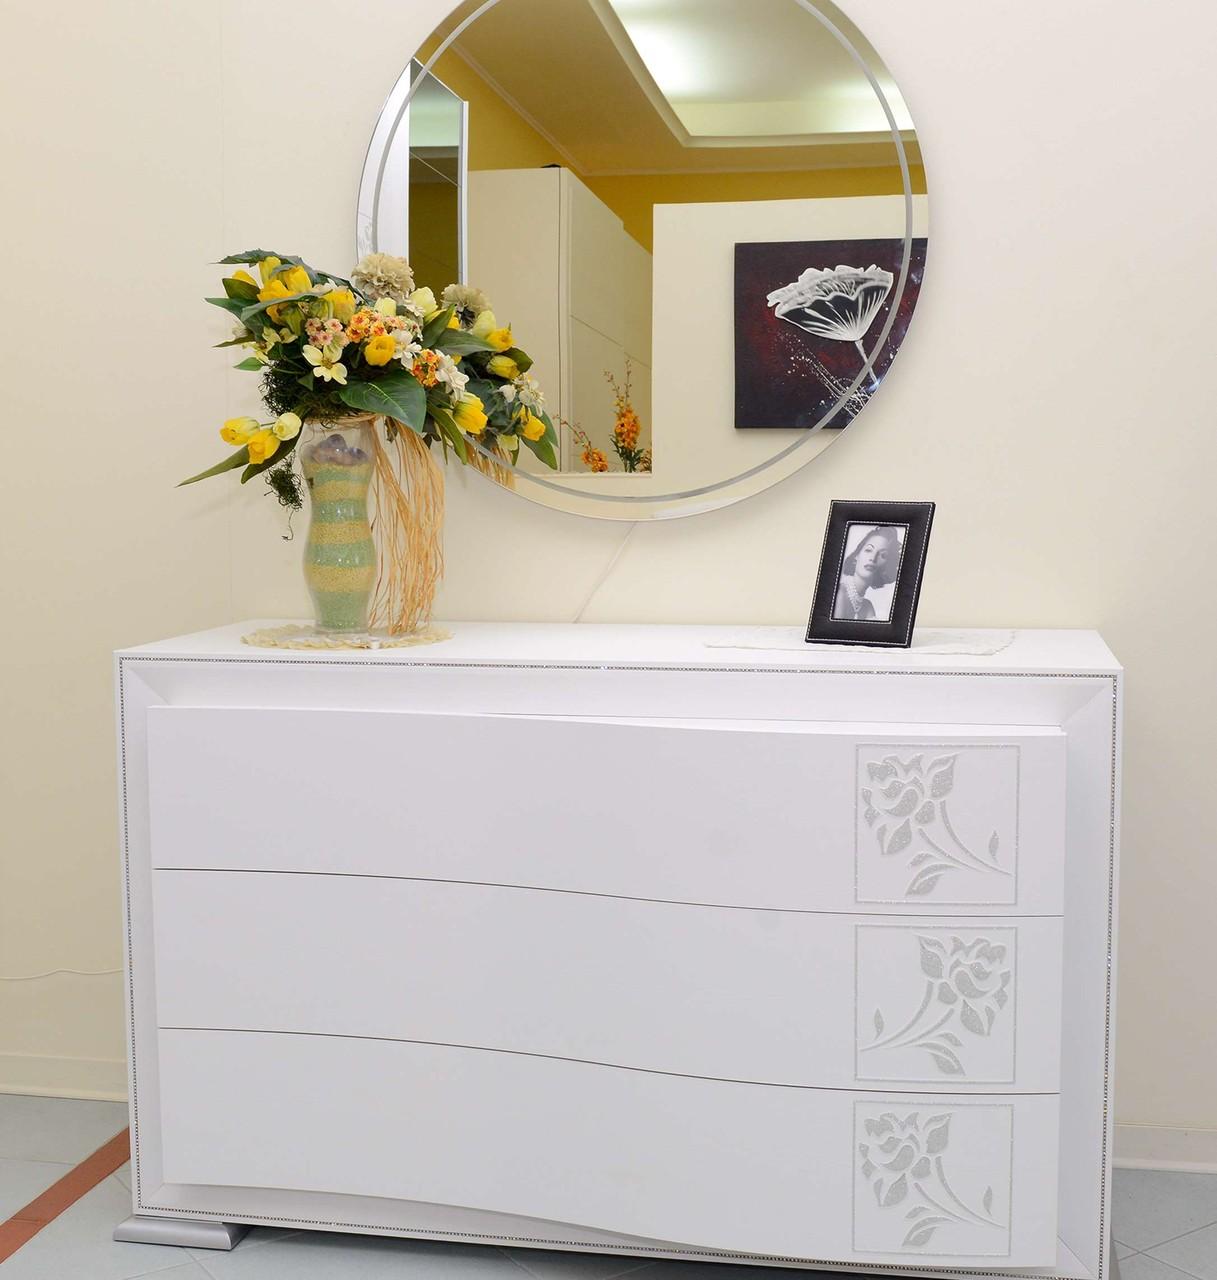 Camera da letto Spar - Benvenuti su Mobili Casillo